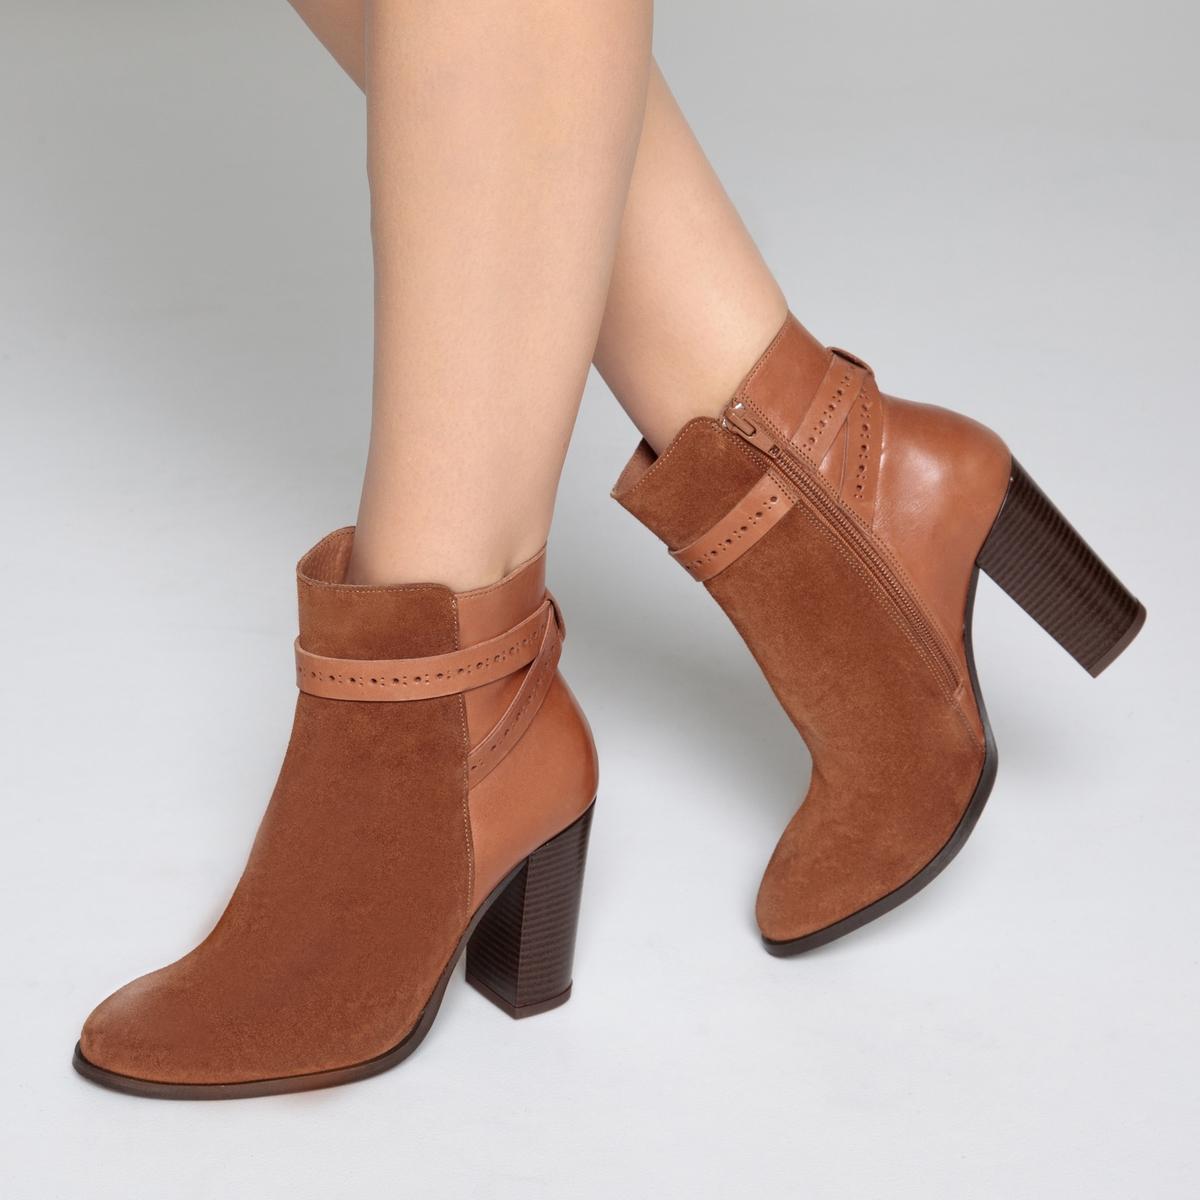 Botines de piel con correas en el tobillo